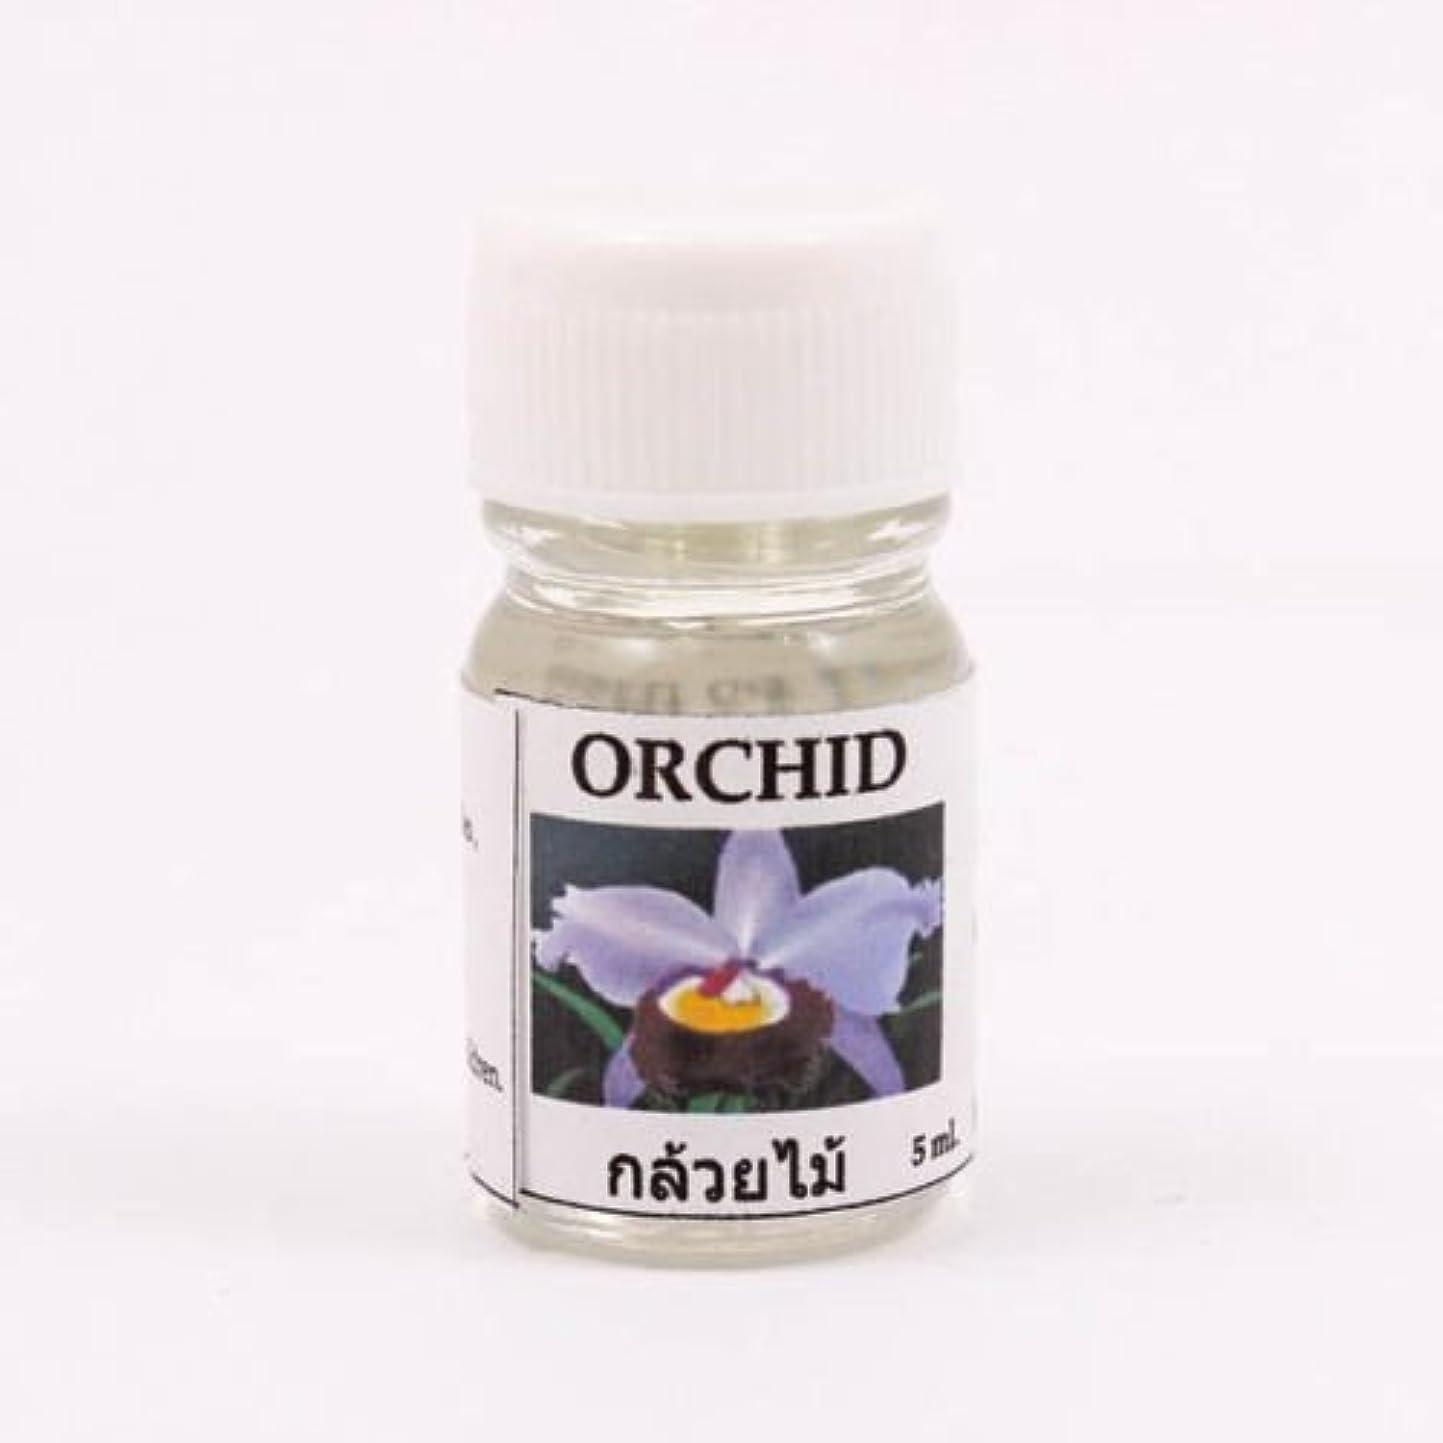 エレベーター自殺ルー6X Orchid Aroma Fragrance Essential Oil 5ML. (cc) Diffuser Burner Therapy